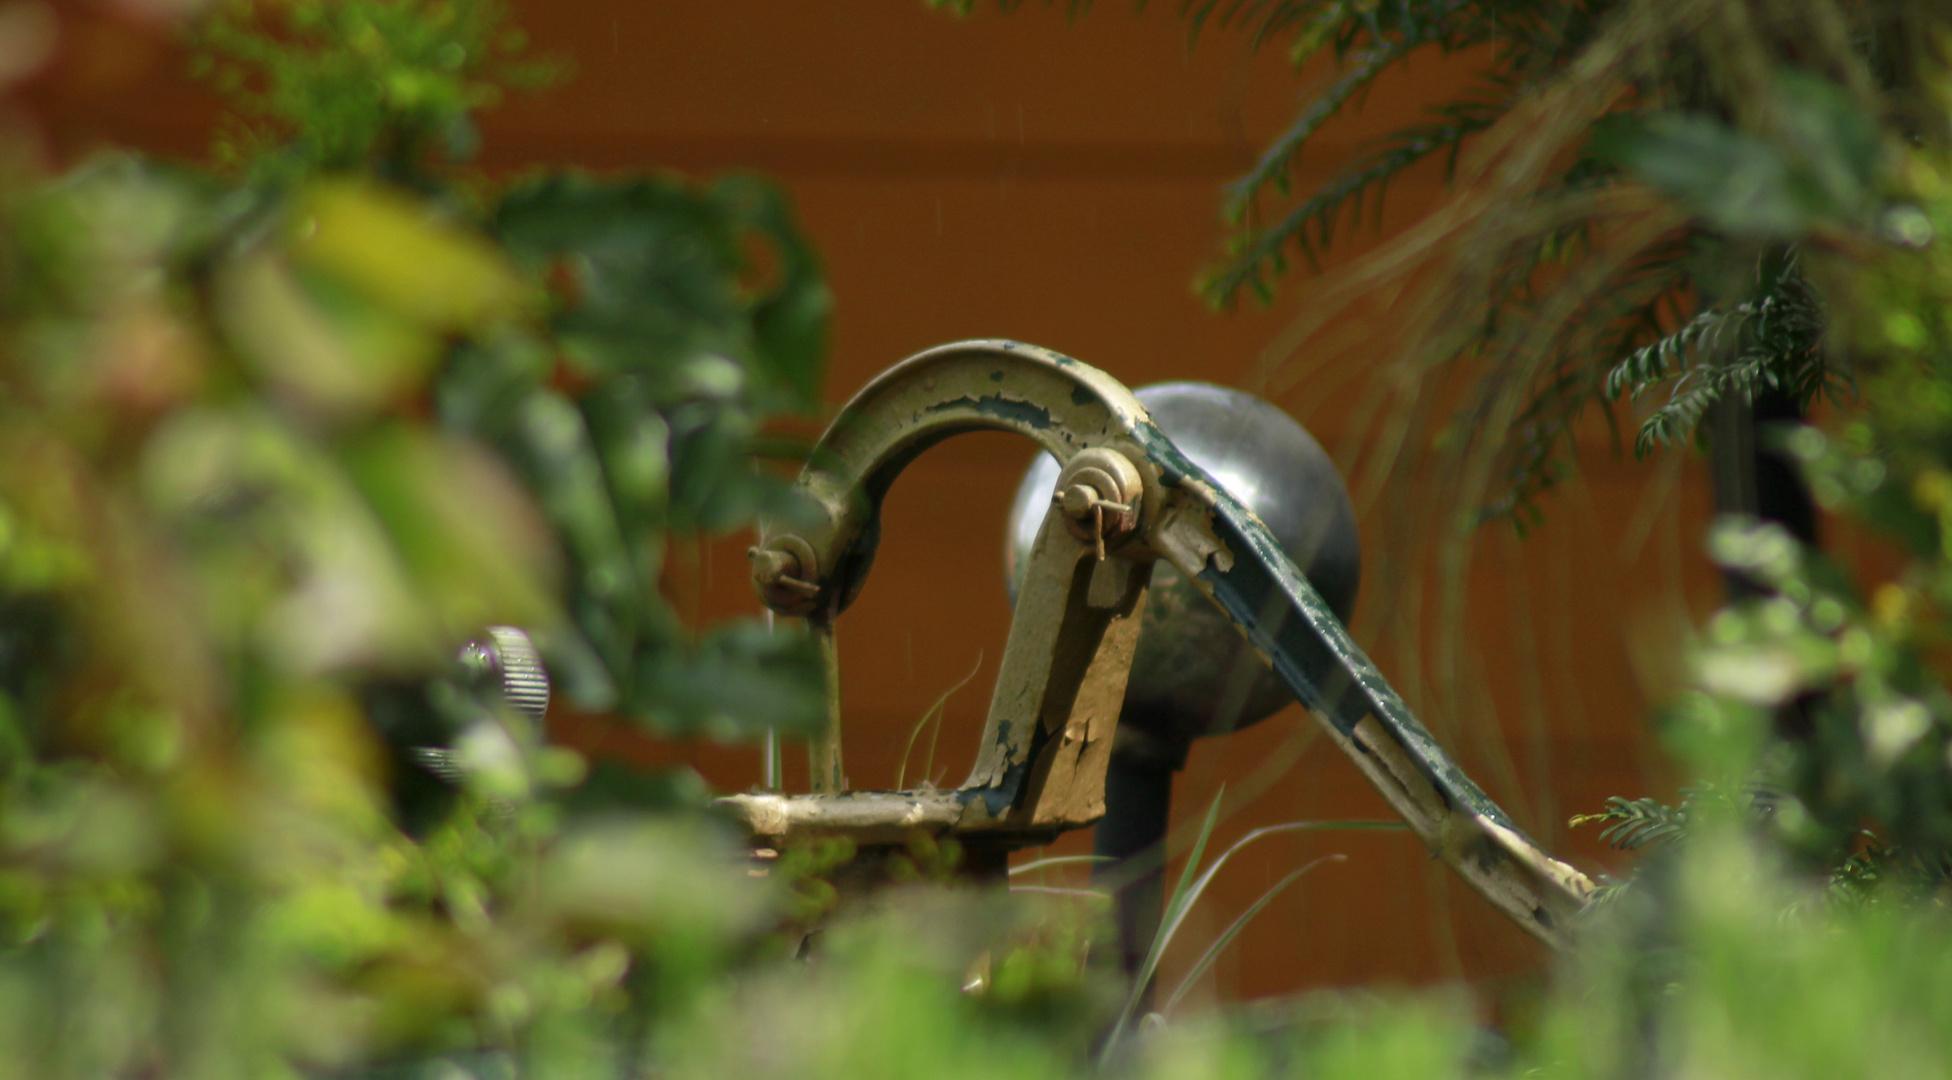 Ein Blick in Nachbar's Garten :-)